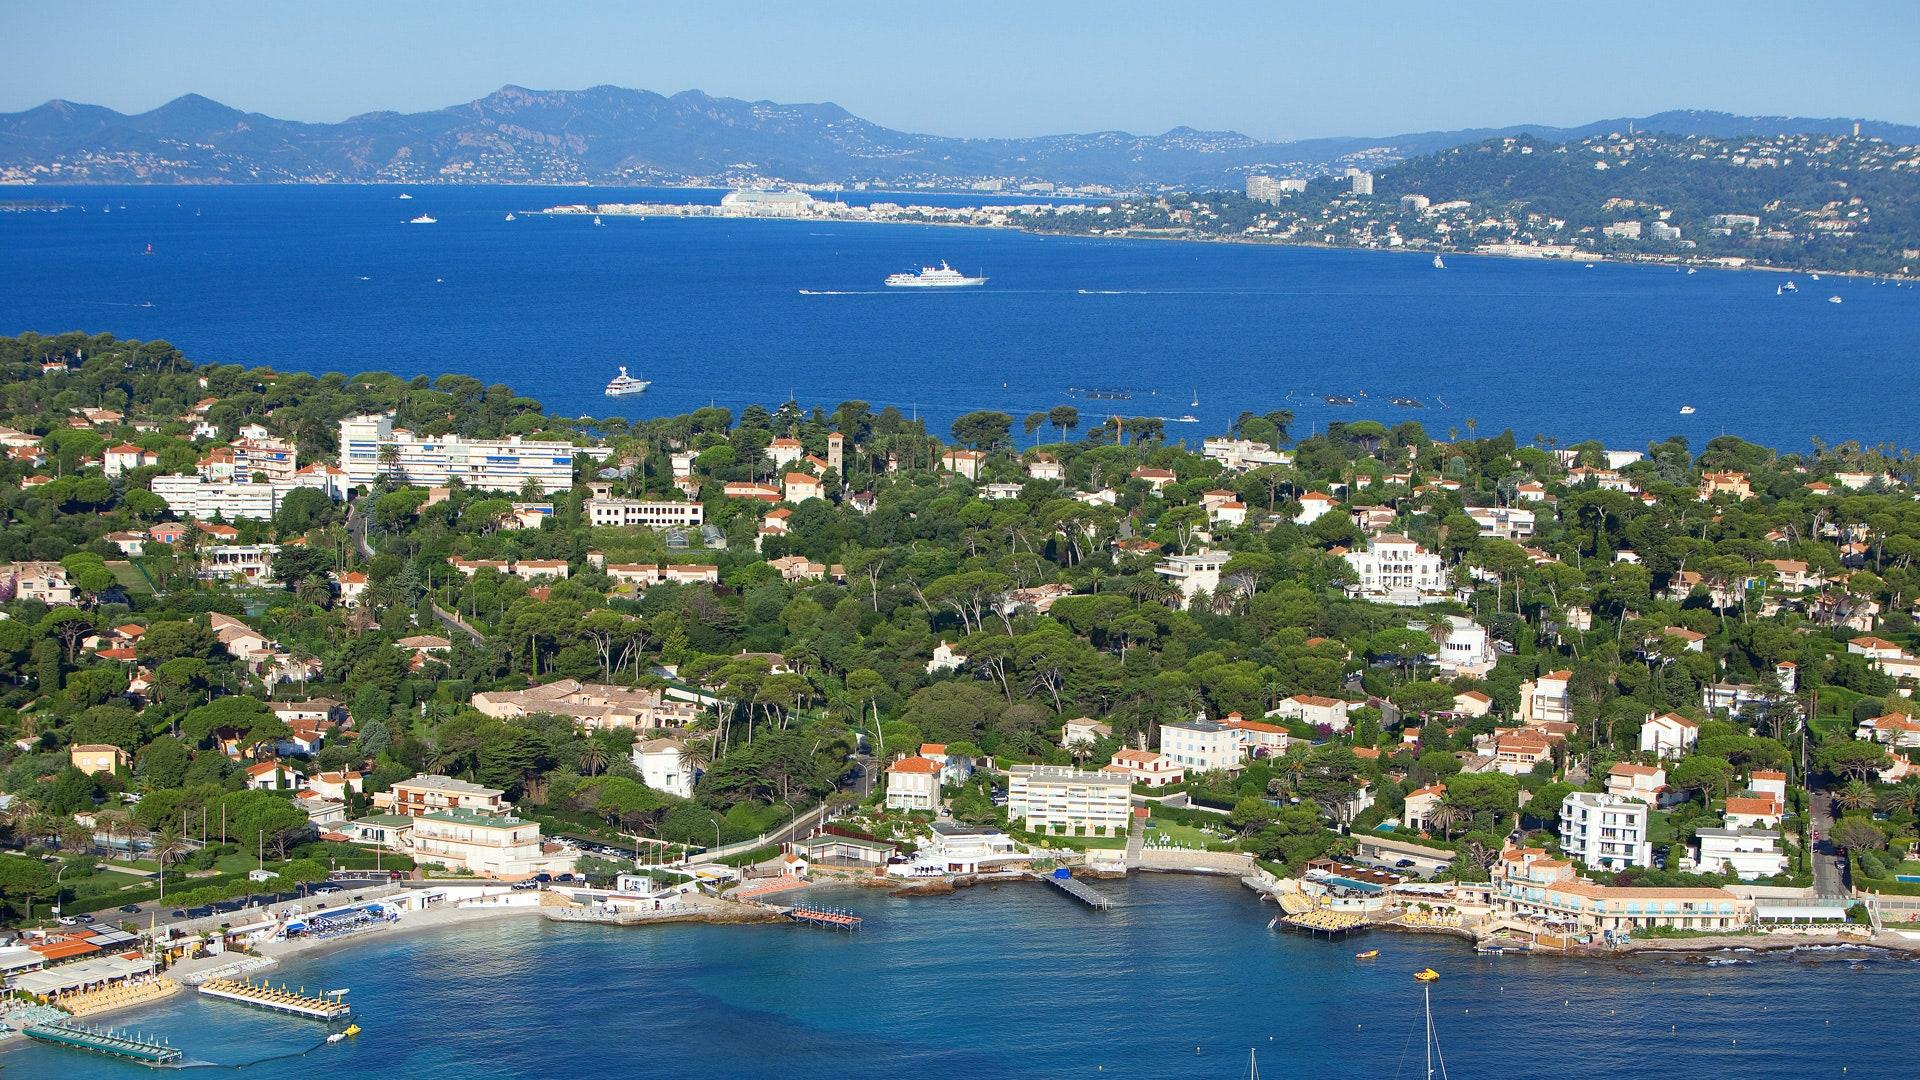 Antibes, Cagnes Sur Mer & St. Paul De Vence